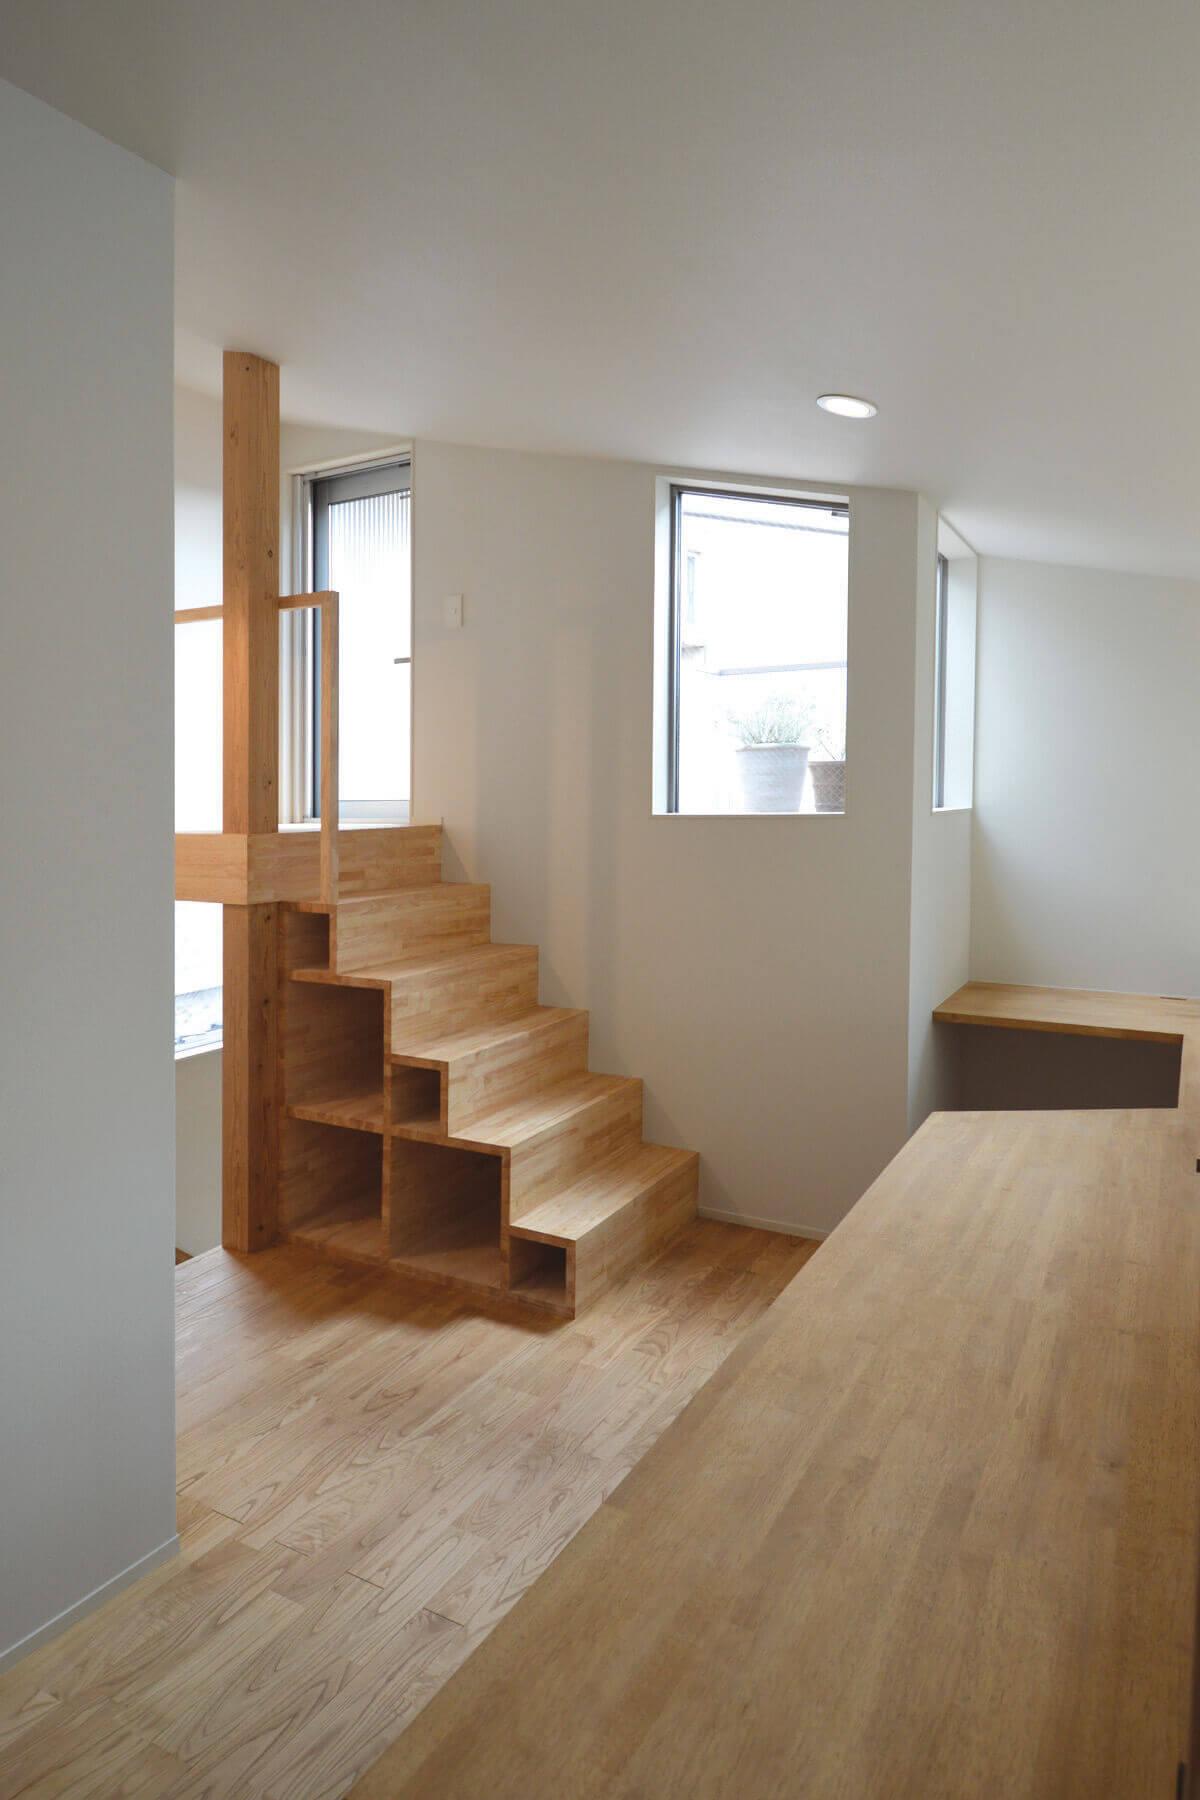 登戸Y邸の内装、ワークスペースとデッキ敷きの屋上テラスへの階段と